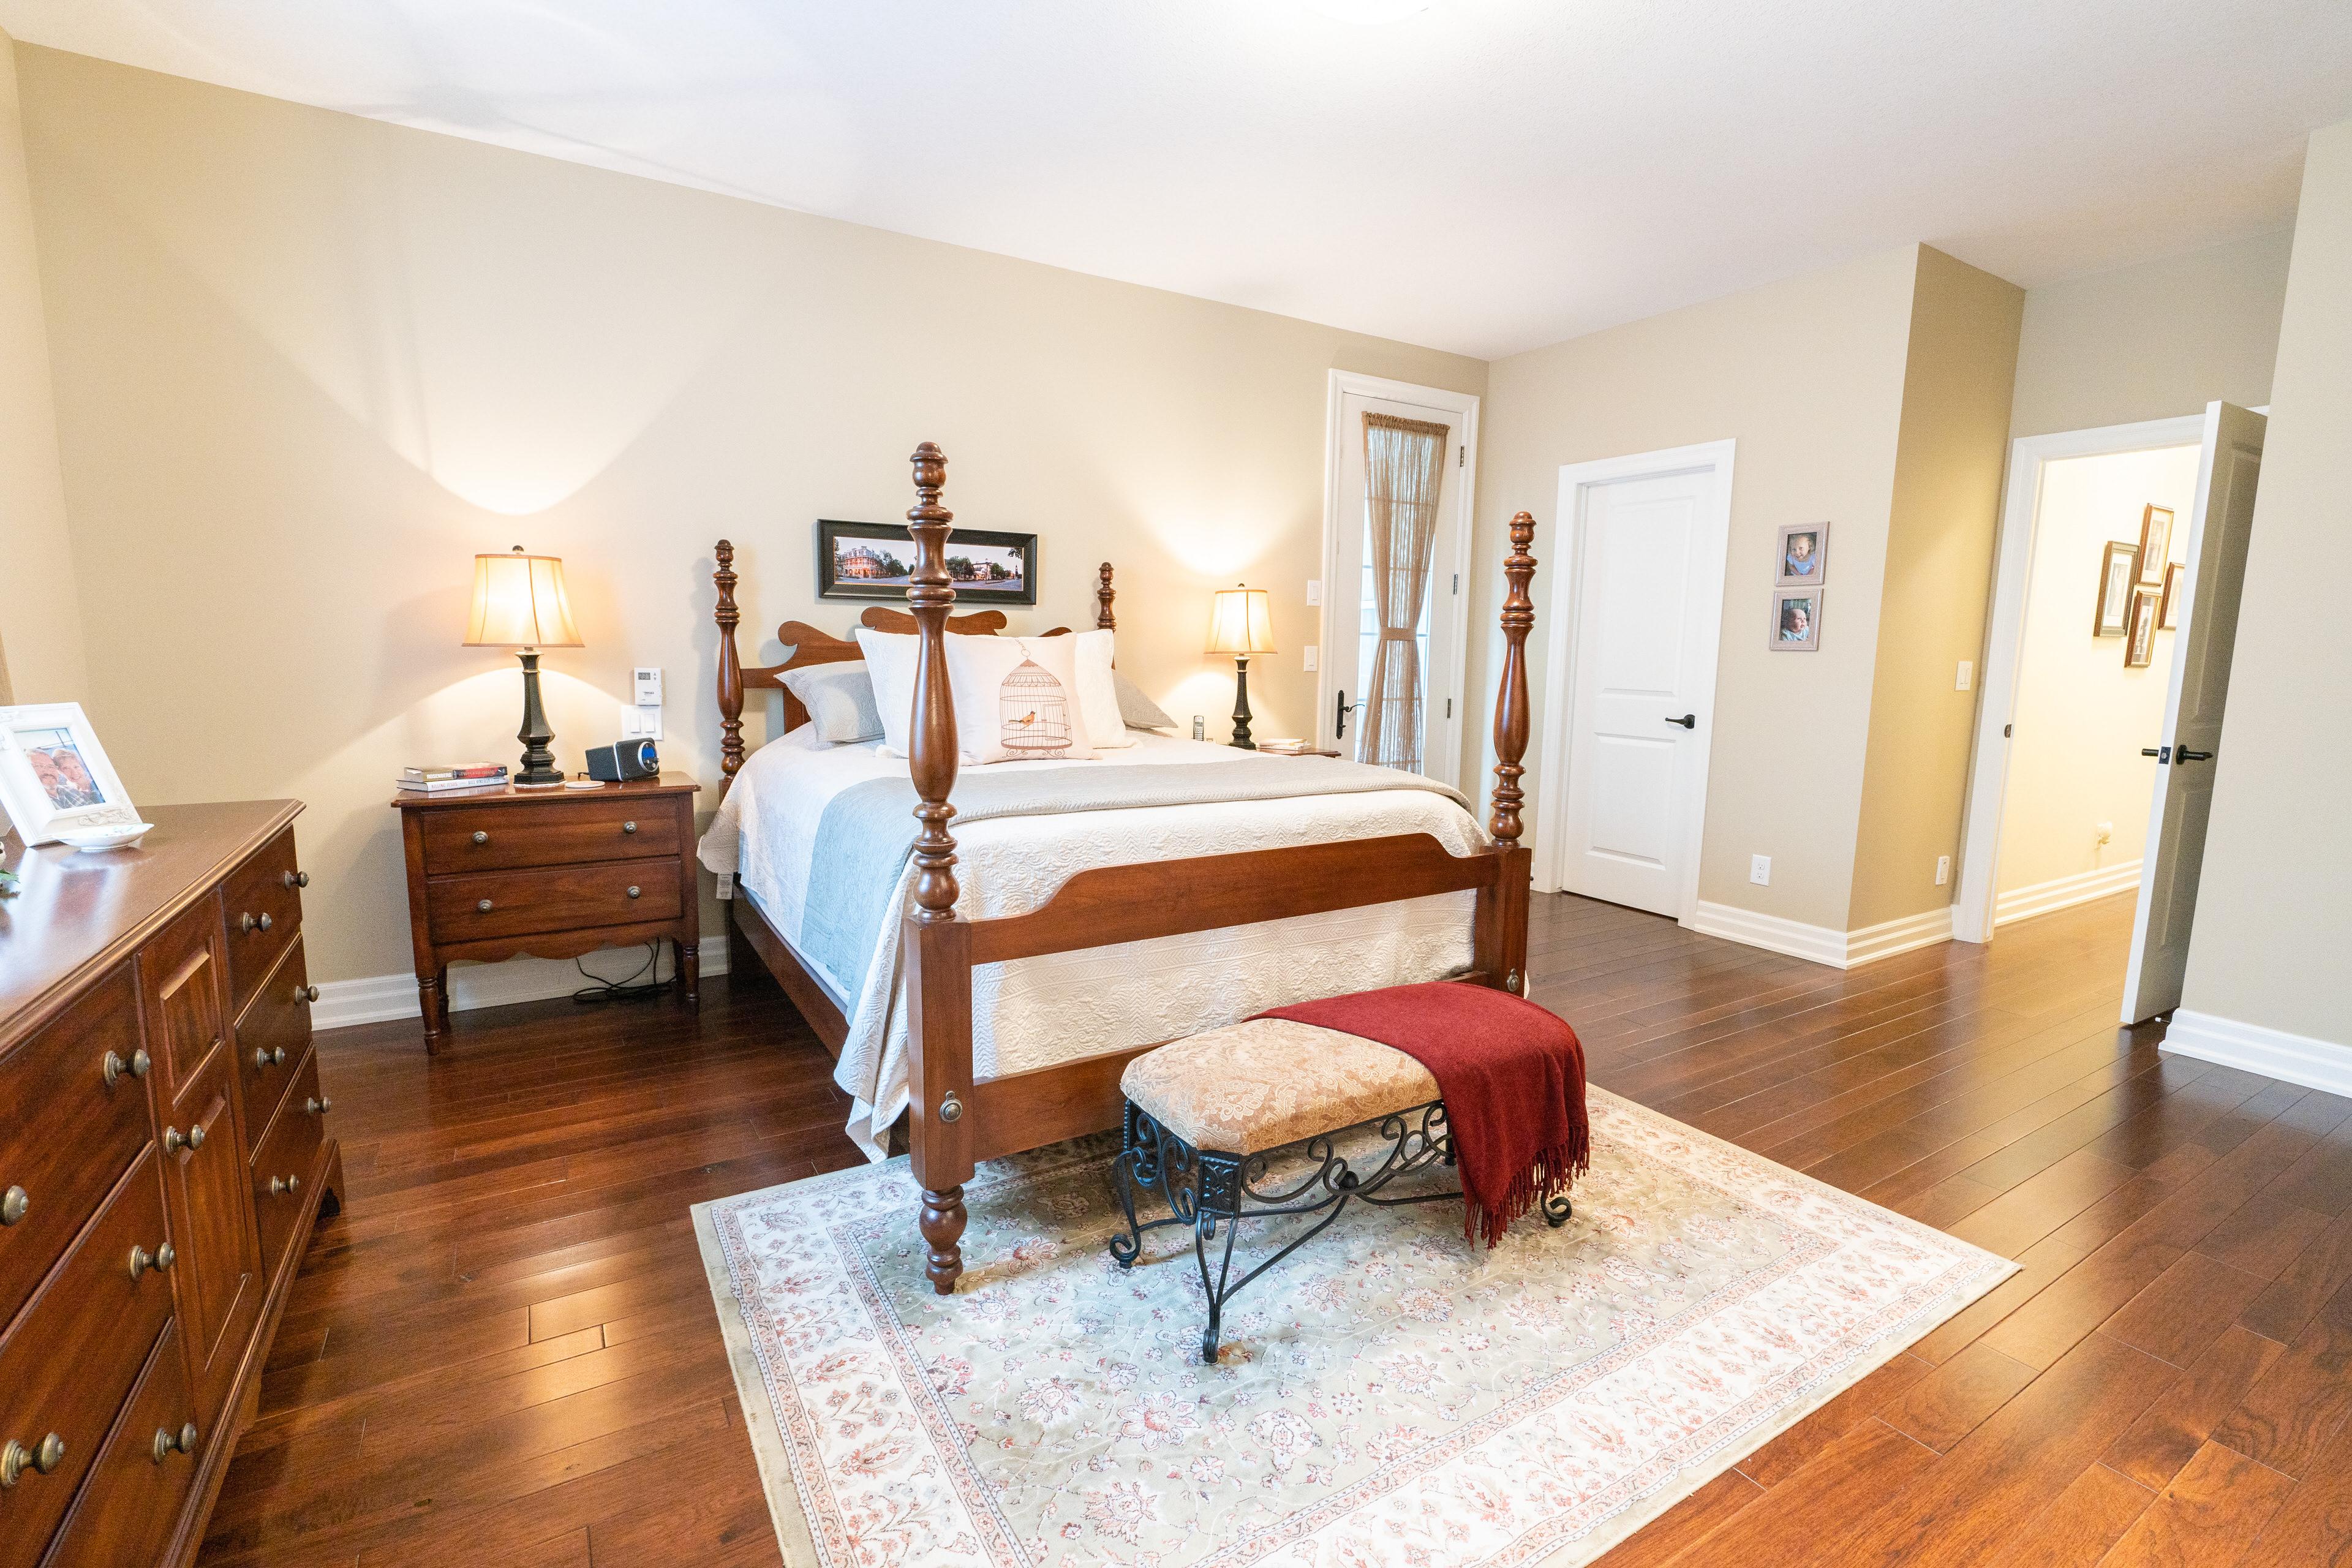 505 Simcoe Street, Niagara on the Lake, Ontario, L0S 1J0, mls, 5 Bedrooms Bedrooms, ,3 BathroomsBathrooms,Residential,Sold,Simcoe Street,1046